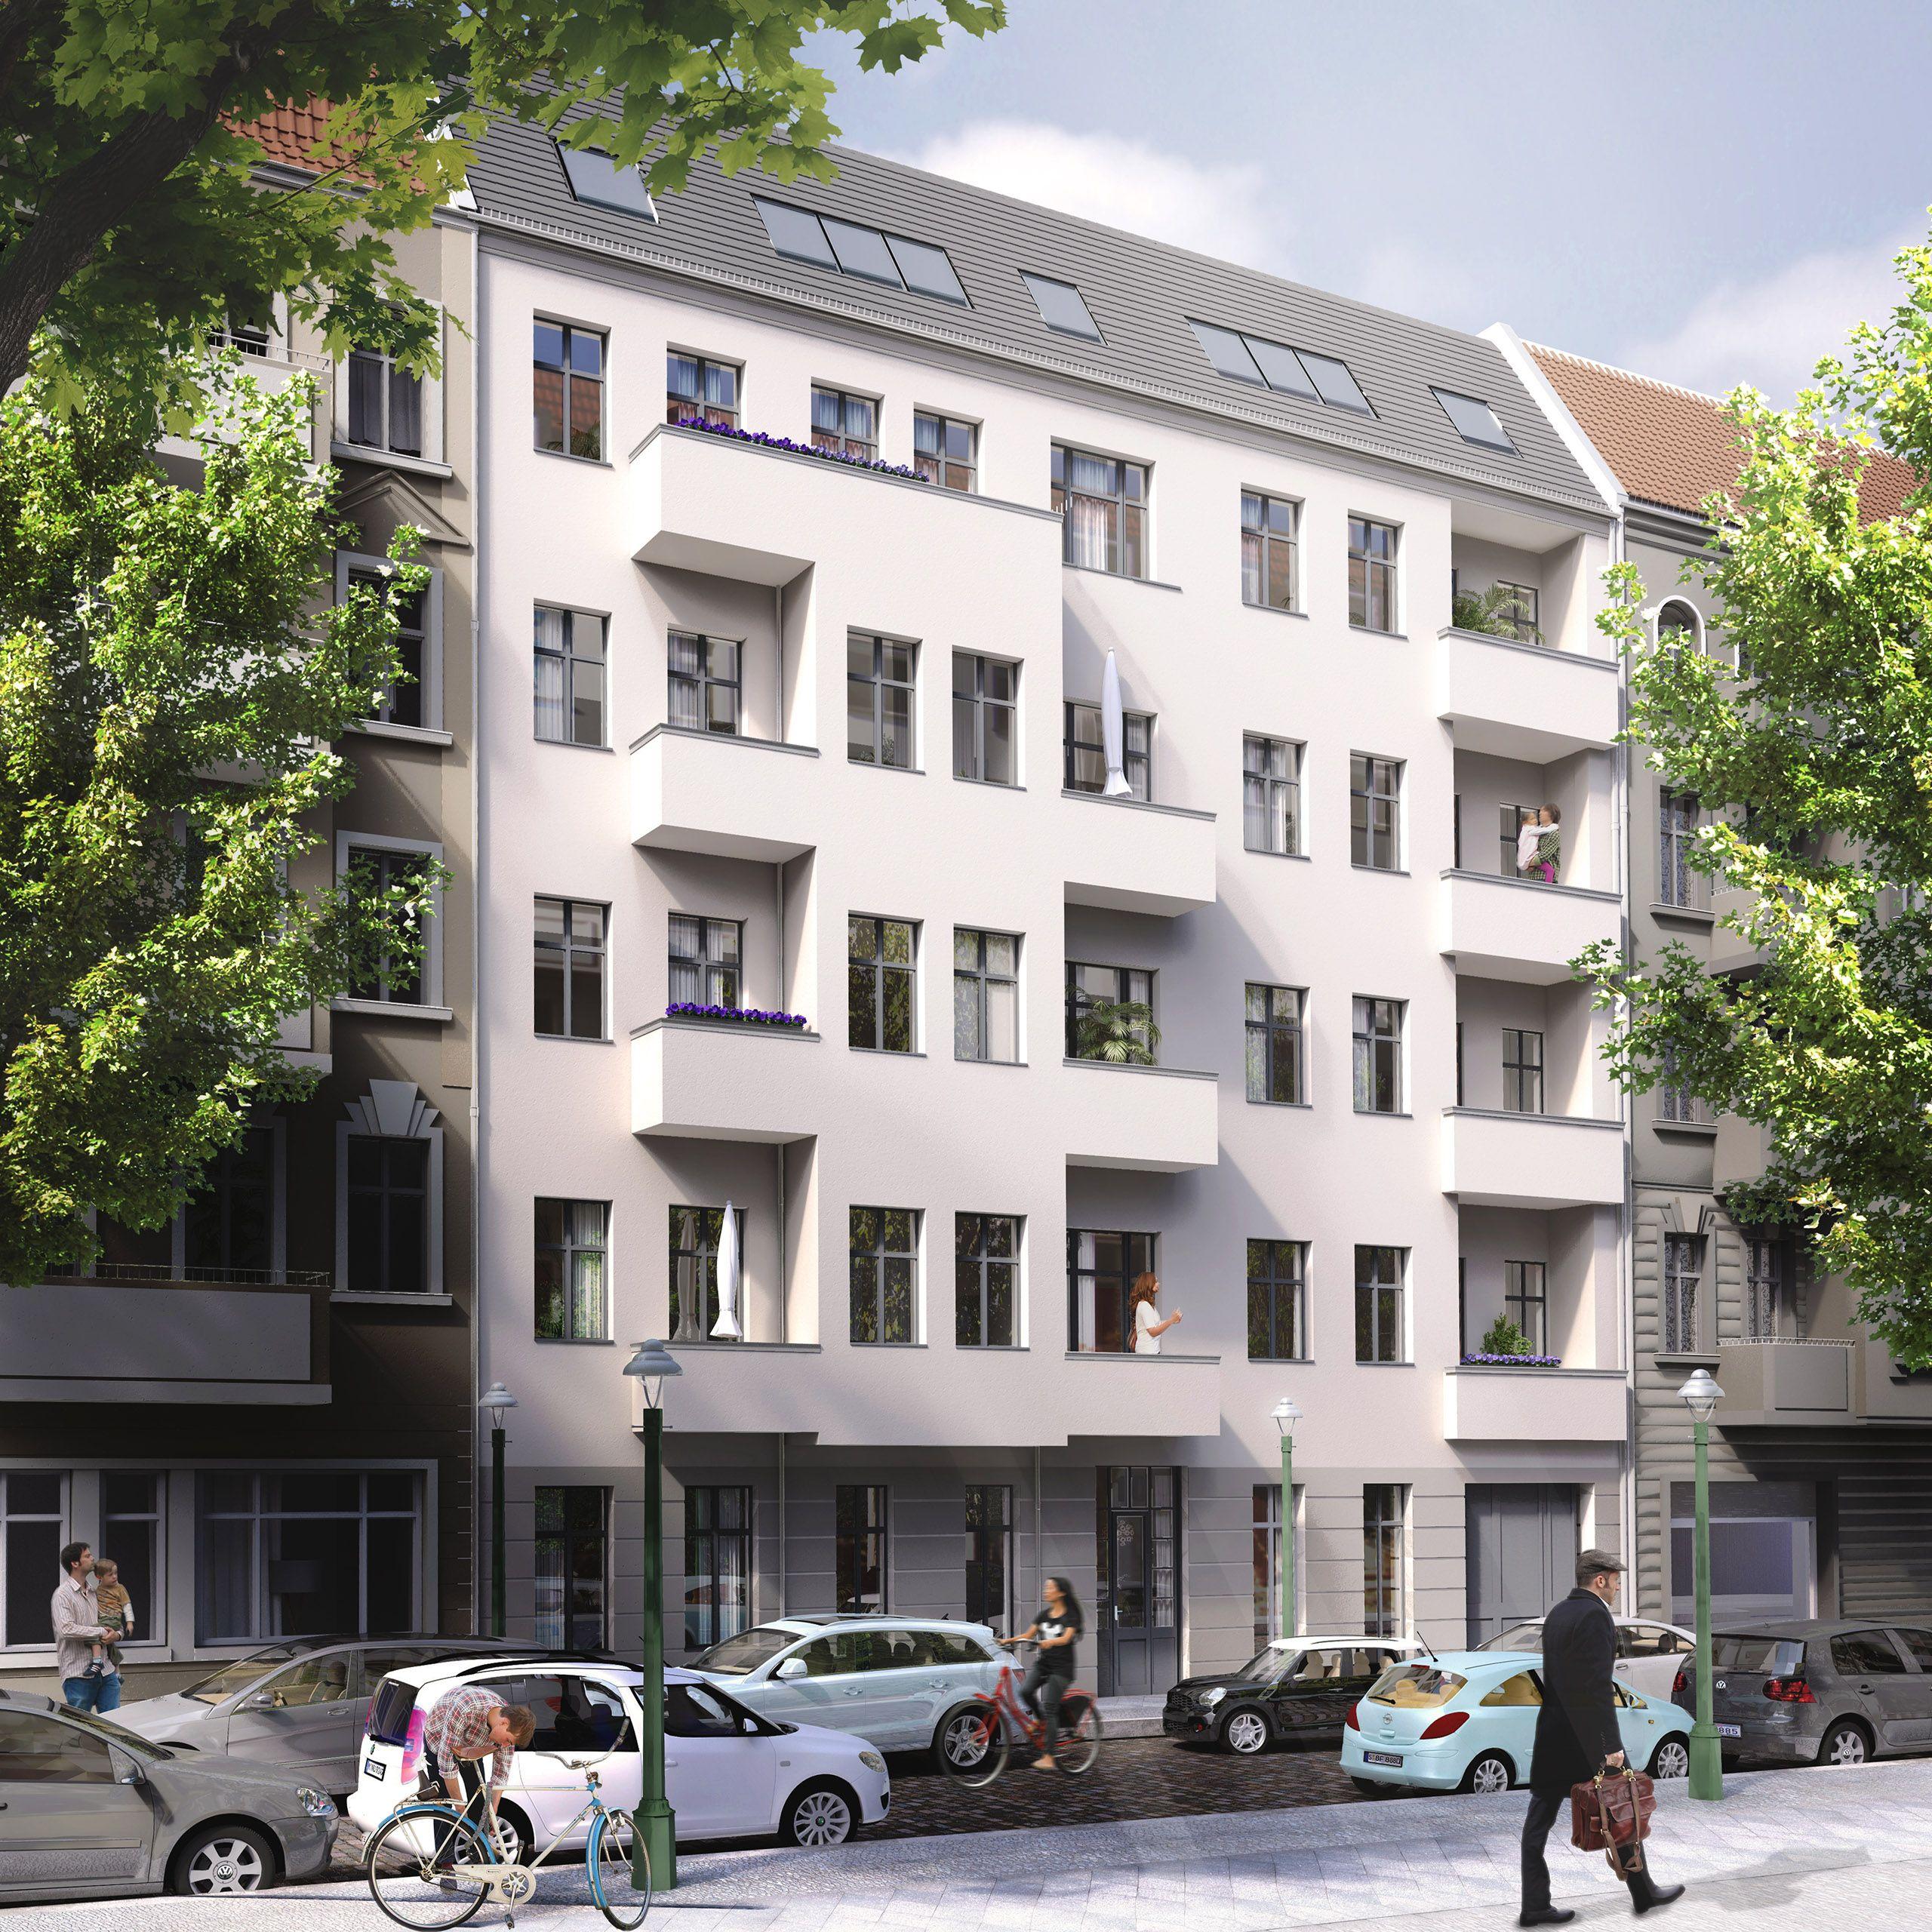 Architekturvisualisierung Berlin berlin neukölln refurbishment rooftop render manufaktur